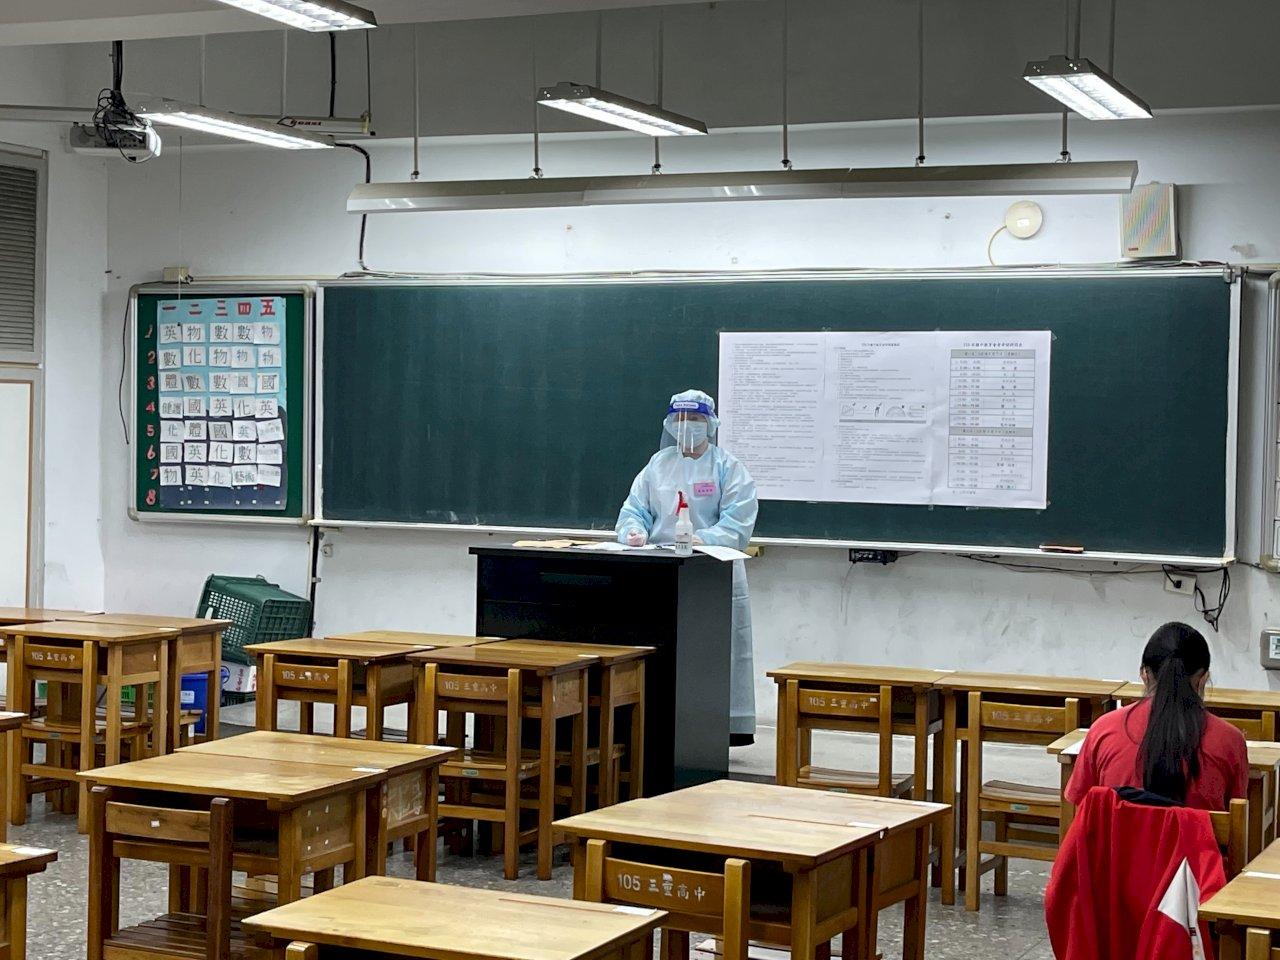 國中會考補考首日到考率97.6% 無額外啟動備用試場